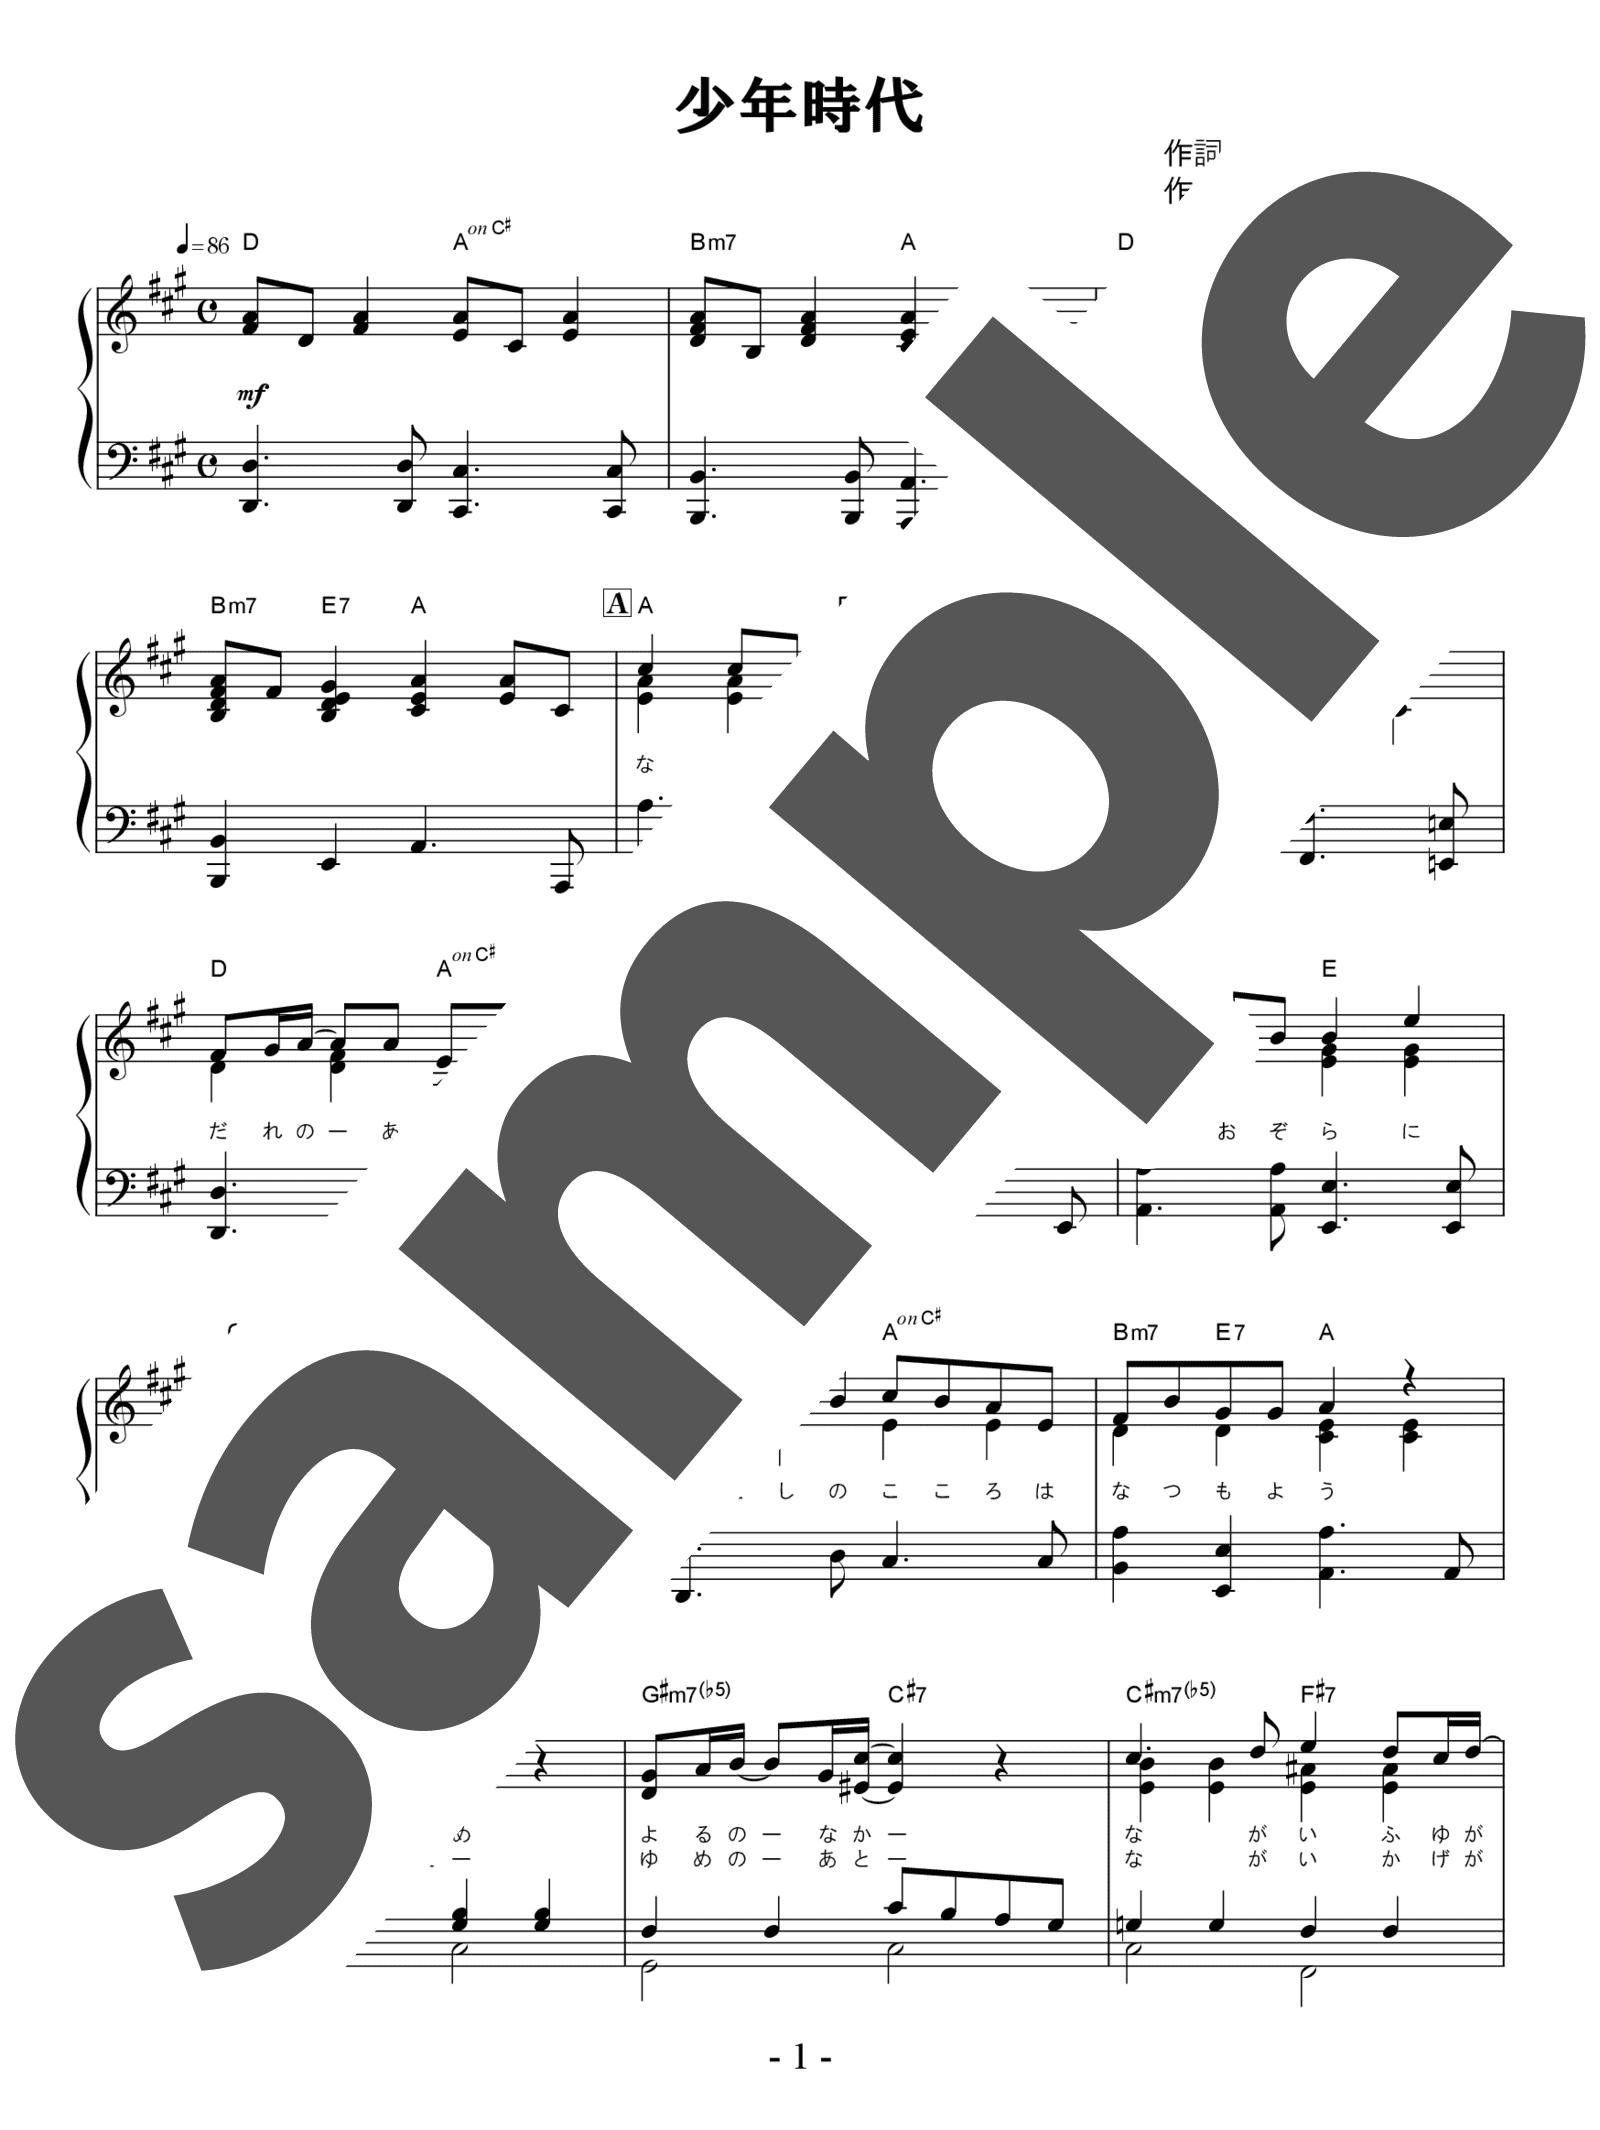 「少年時代」のサンプル楽譜